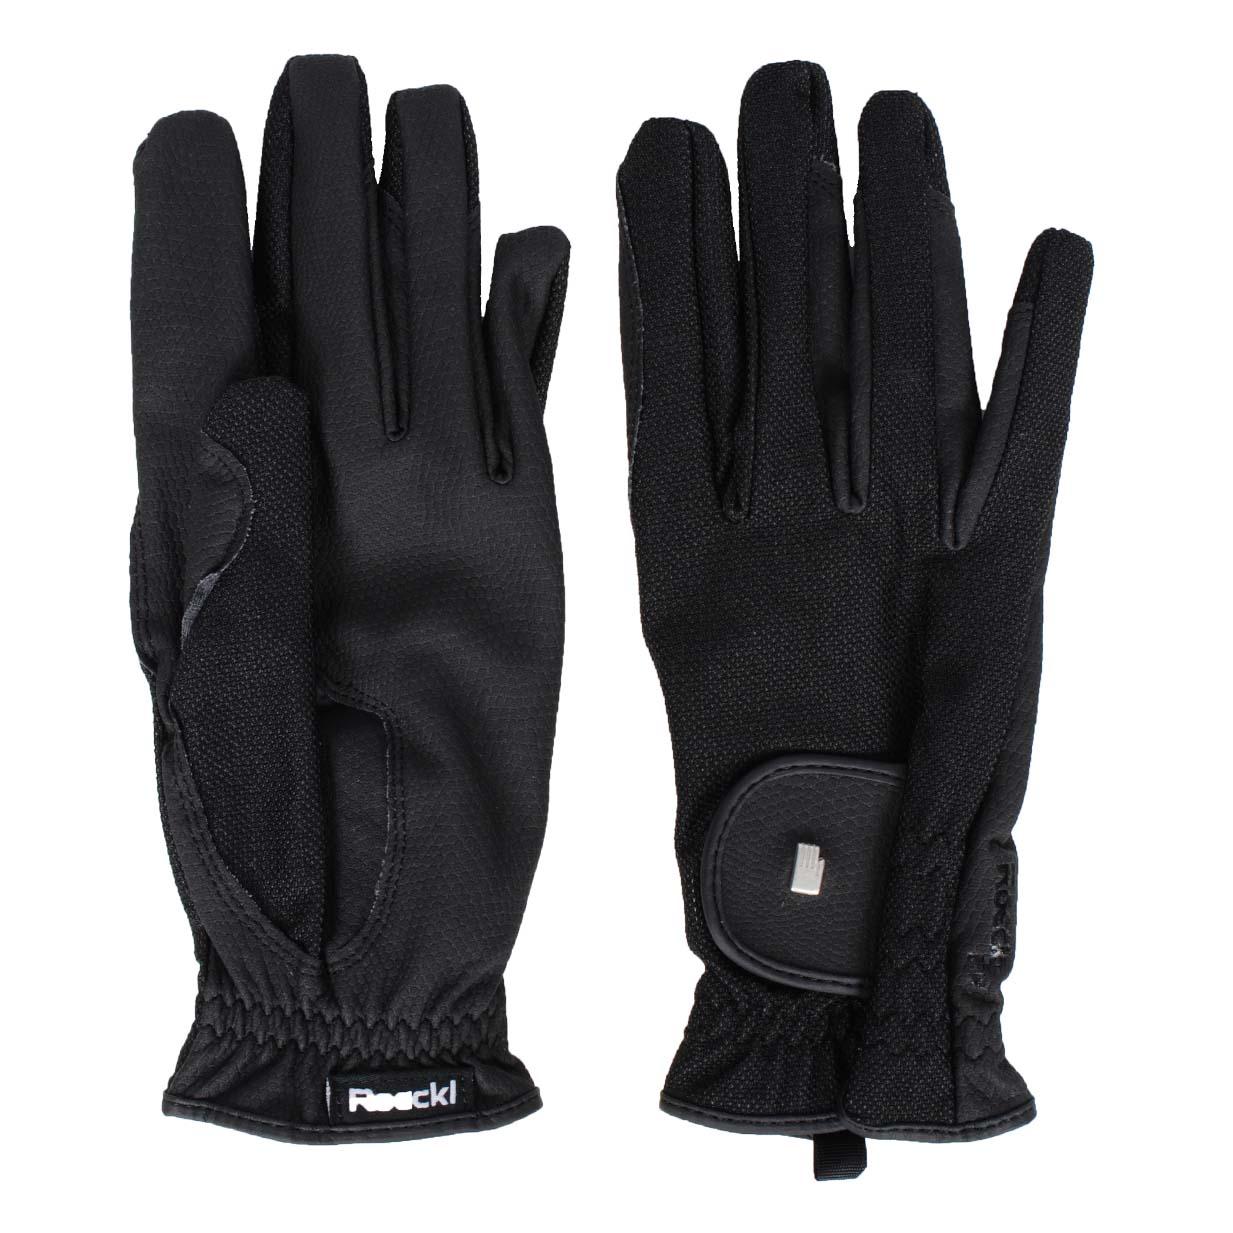 Roeckl Roeck Grip Lite handschoenen zwart maat:7